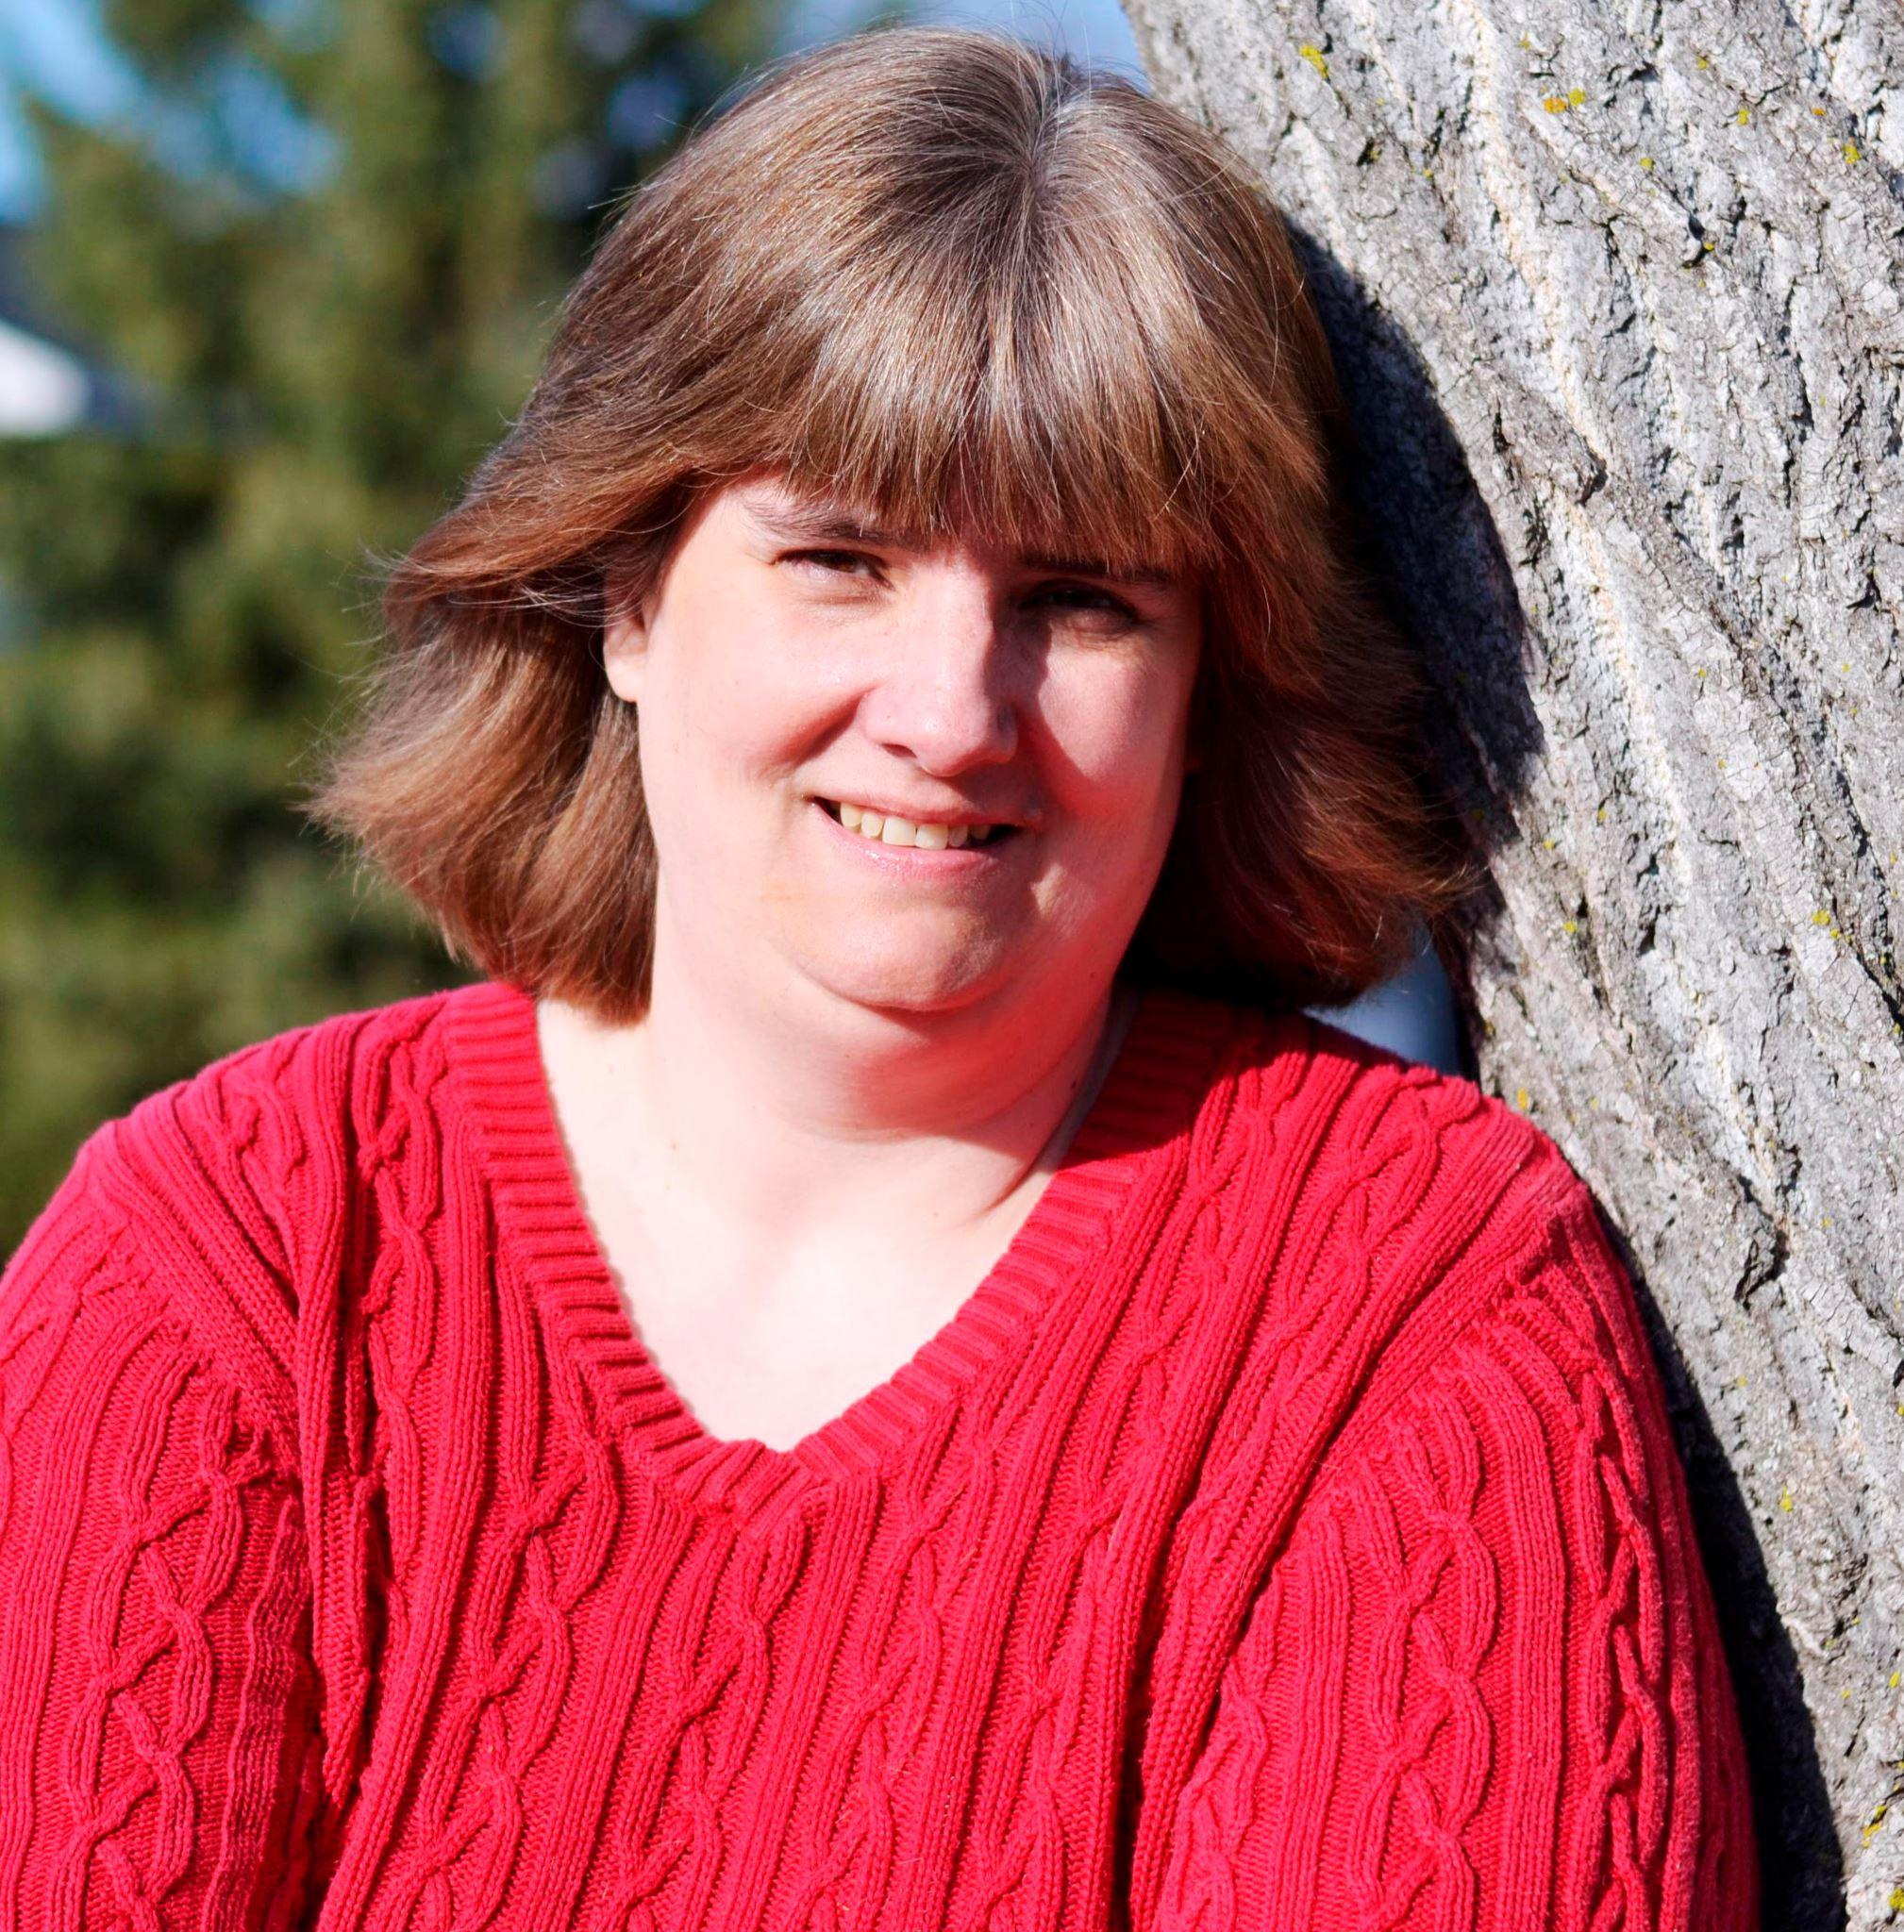 Napturaleliving.com Lisa Kroulik freelance writer